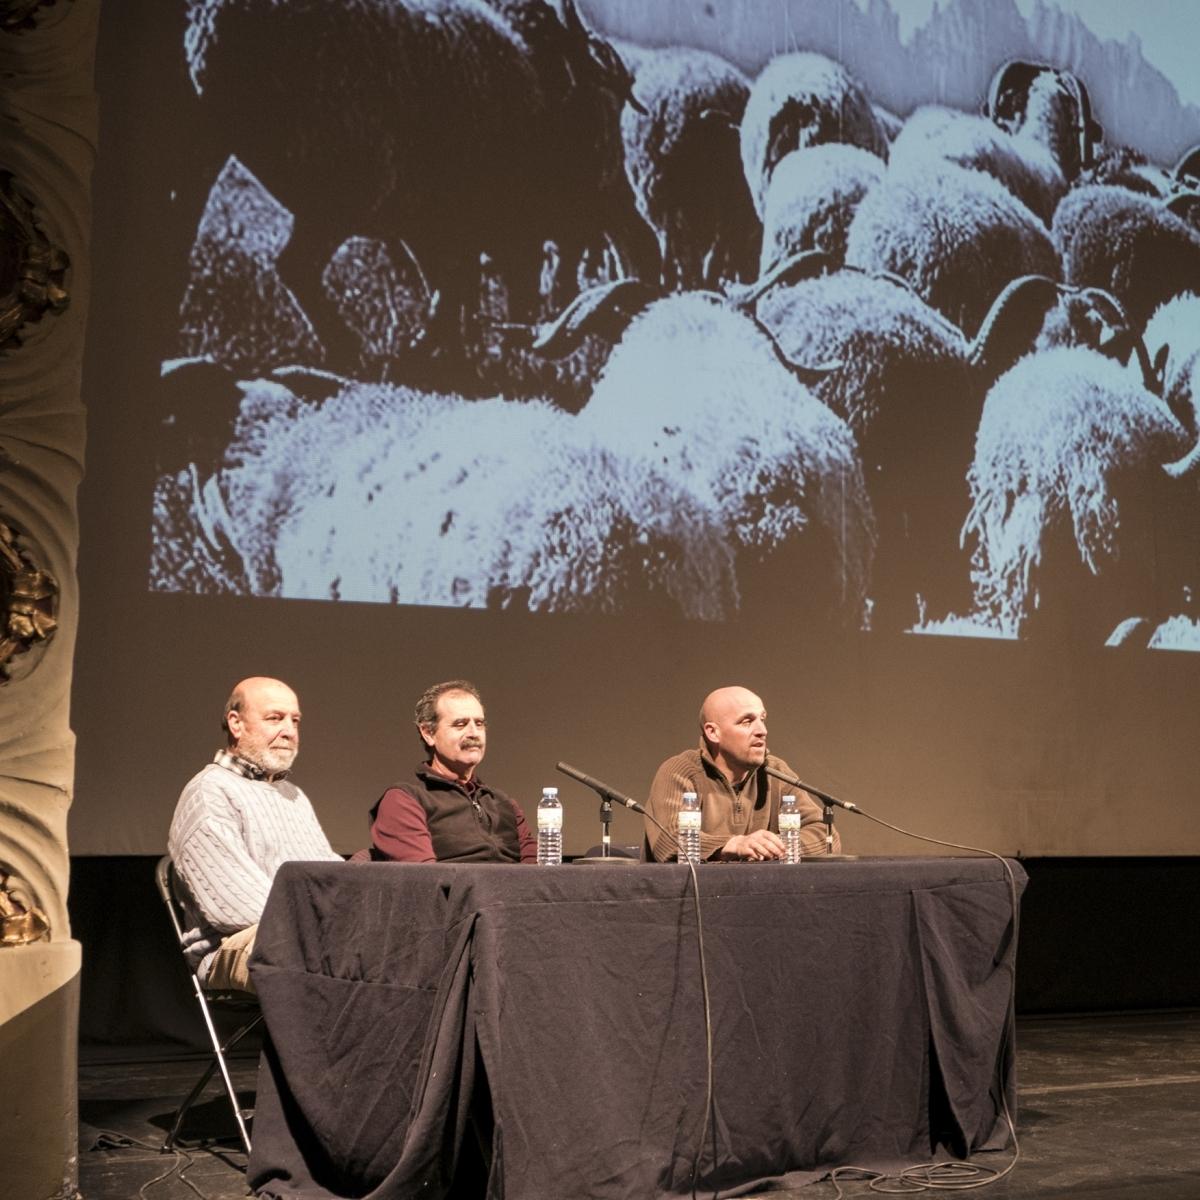 Els tres protagonistes del viatge, explicant-ho al Teatre Municipal l'Ateneu